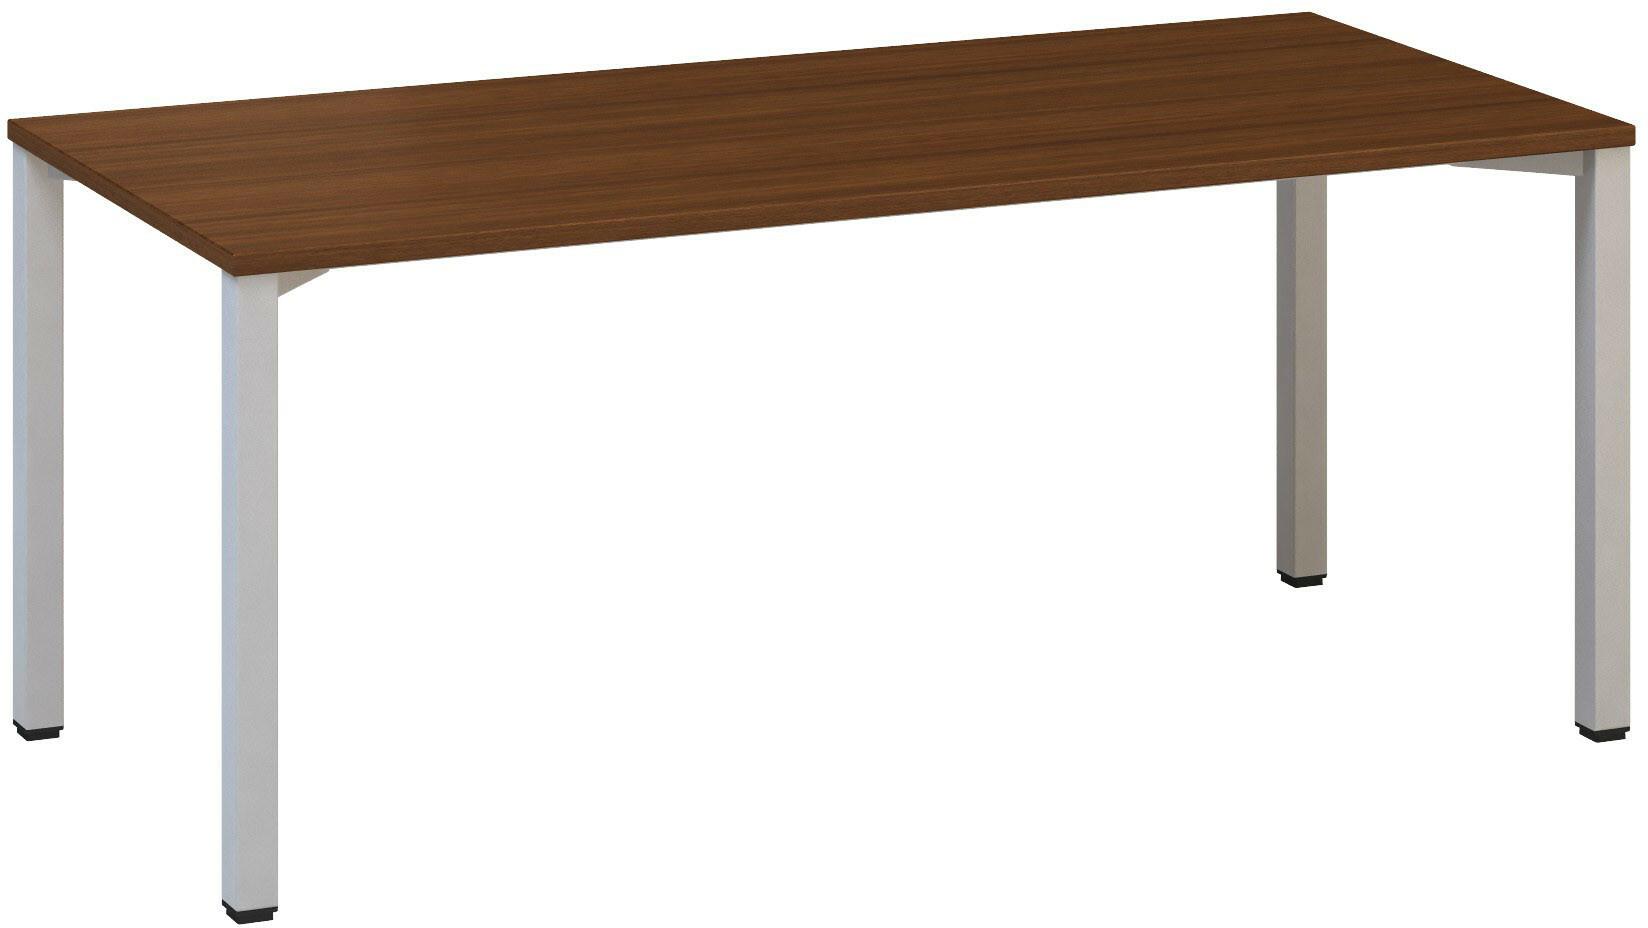 Kancelářský pracovní stůl FA 200, 1800x800mm, ořech